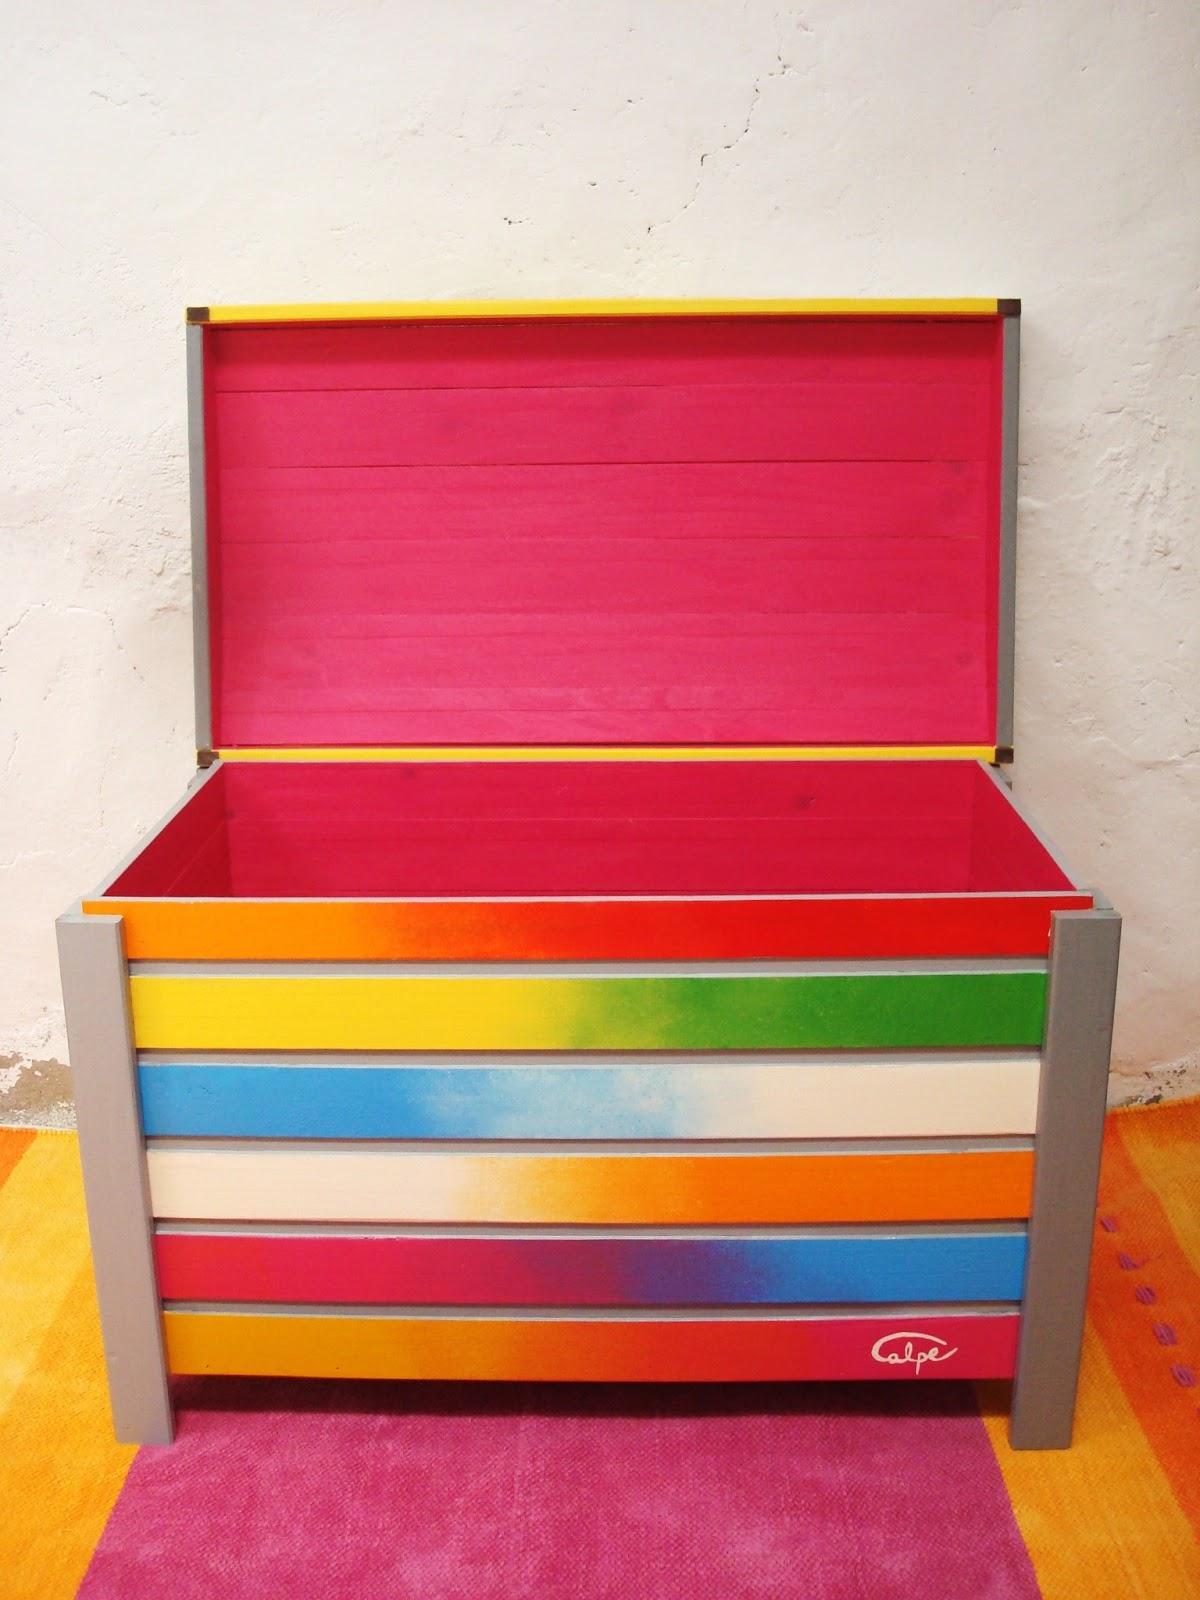 Calpearts muebles y accesorios pintados a mano for Muebles pintados a mano